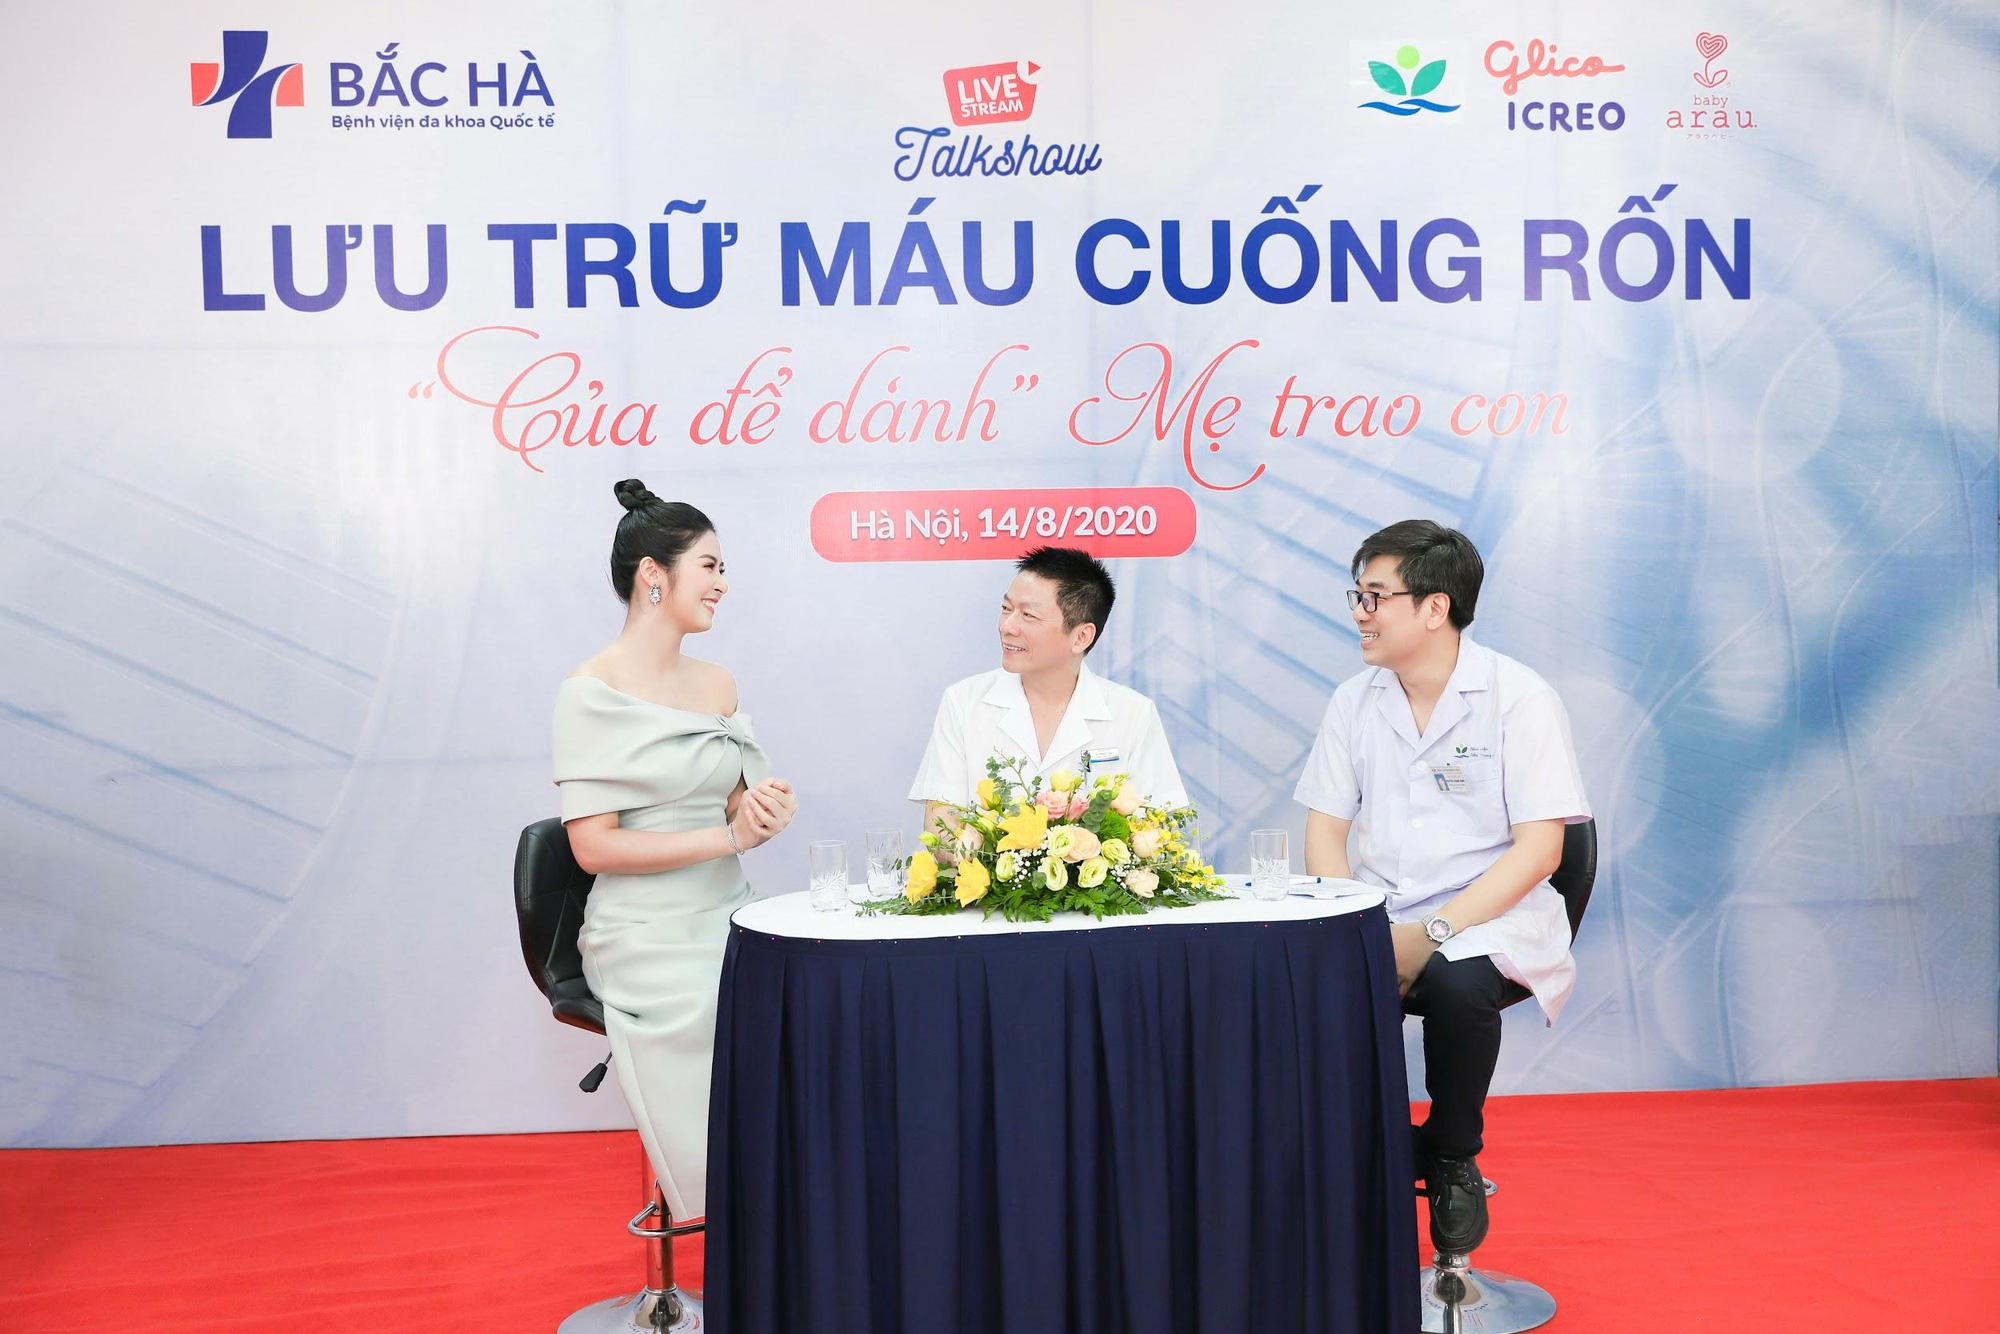 HOT: Hoa hậu Ngọc Hân lần đầu hé lộ về dự định kết hôn và sinh con - Ảnh 4.